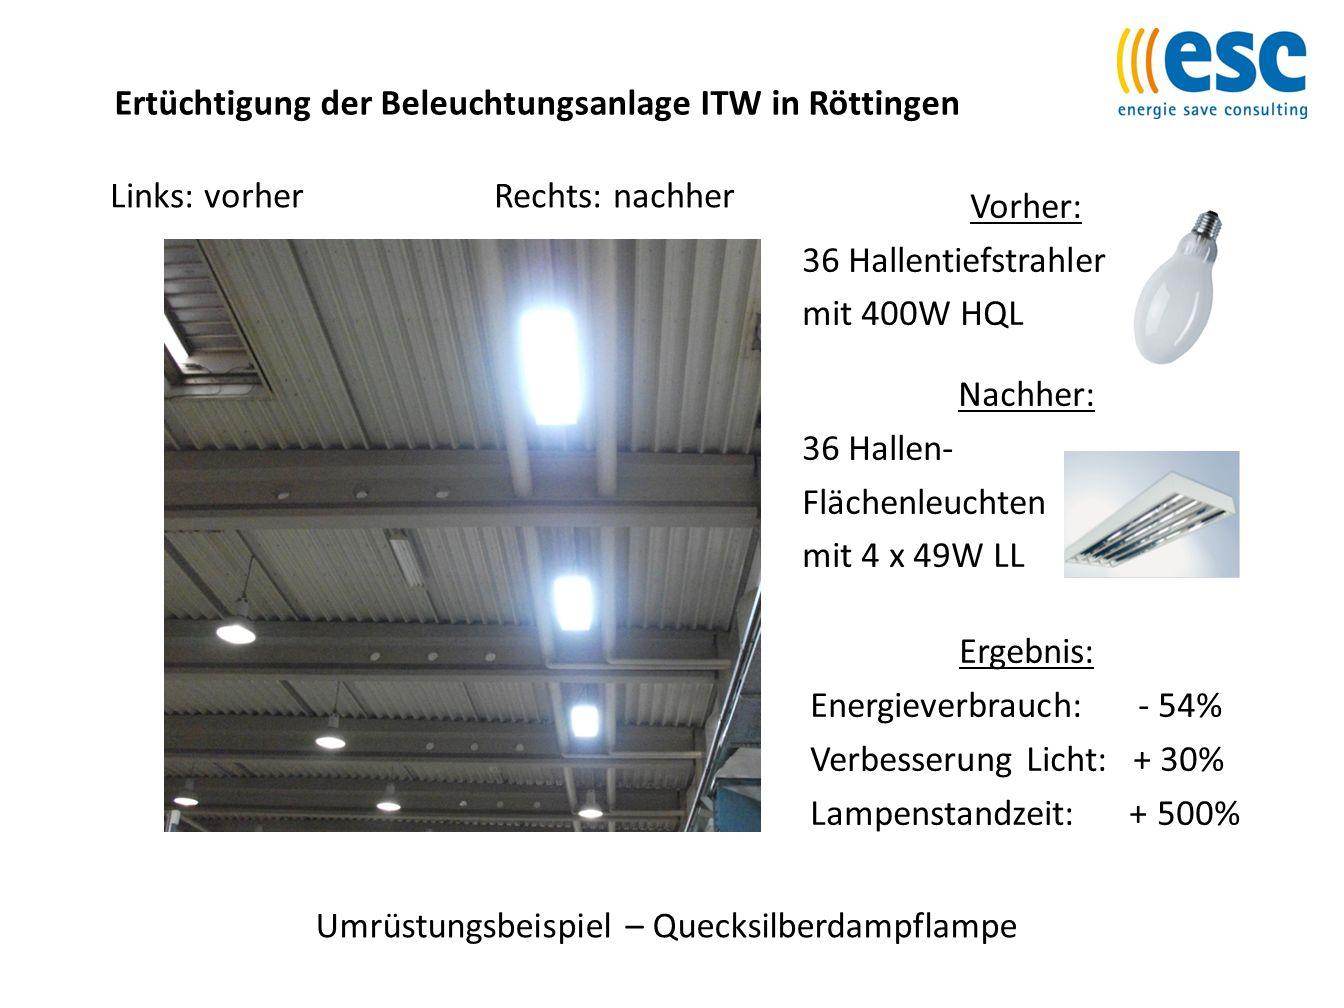 Ergebnis der Ertüchtigung für die ITW in Röttingen Die Amortisation dieser Maßnahme beträgt 1,75 Jahre.